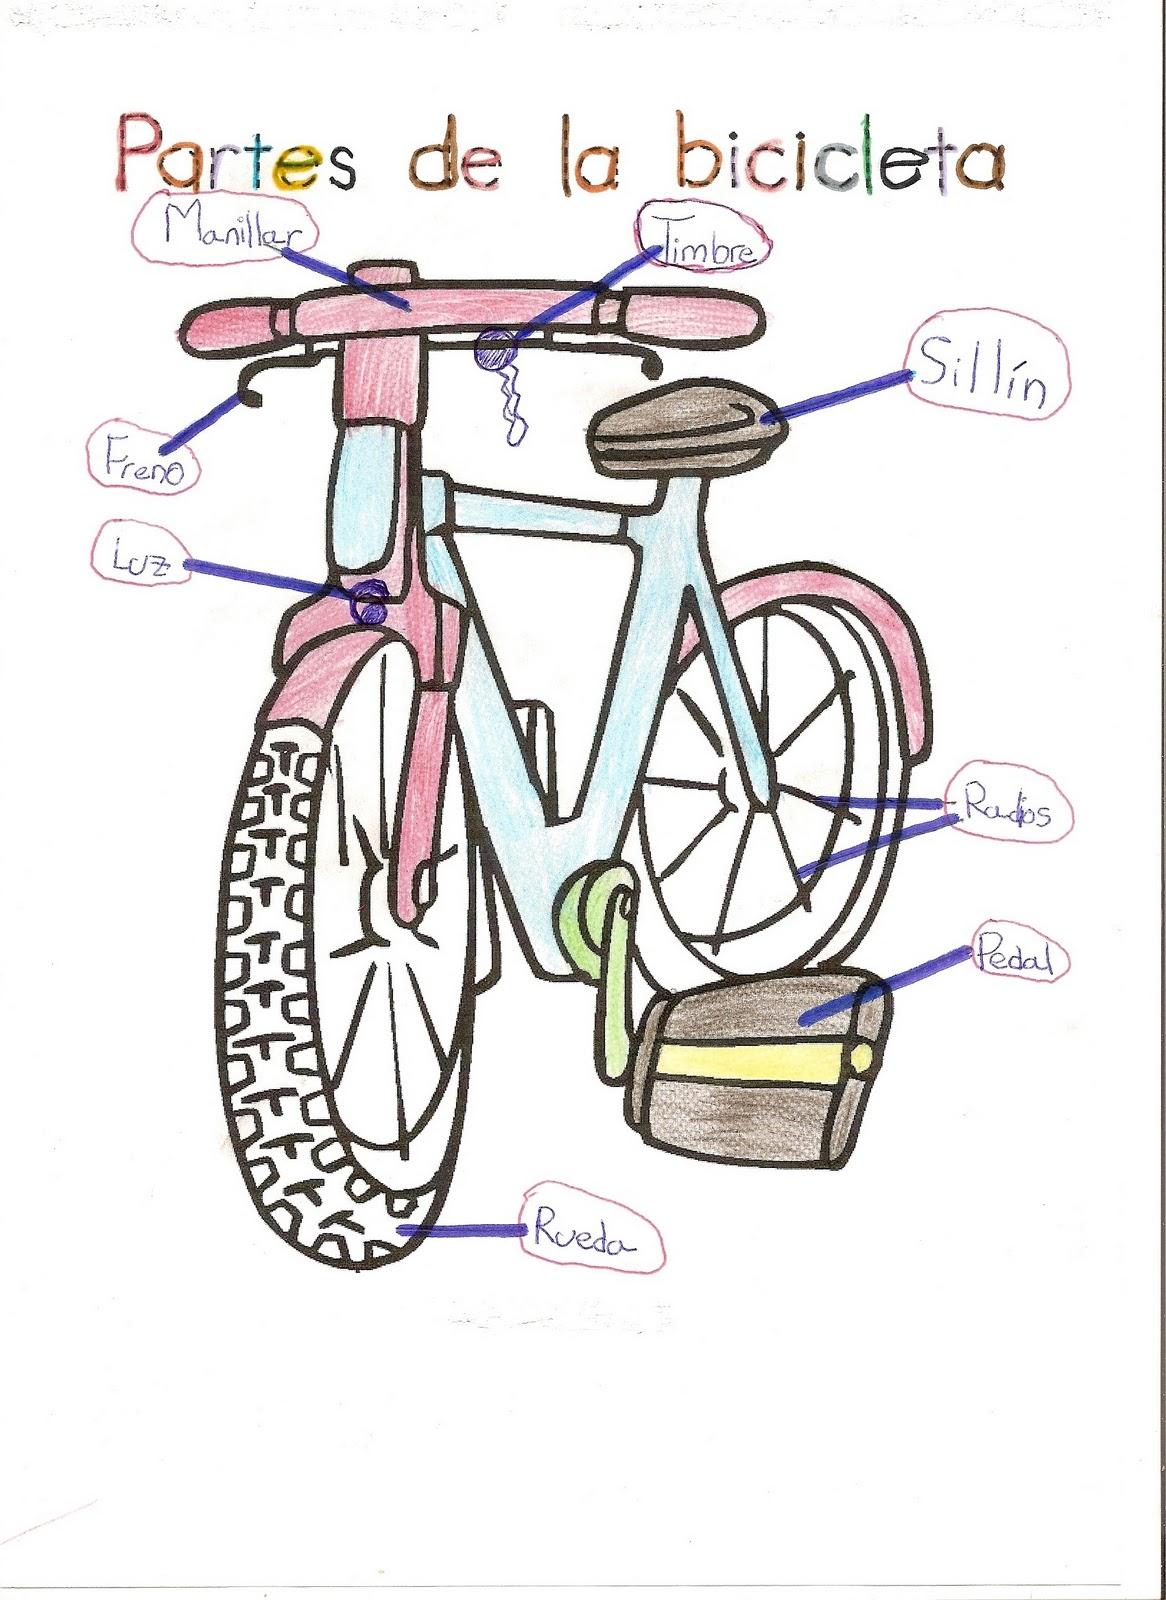 Mi cuaderno en la red: Aprendo (1). Partes de la bici.